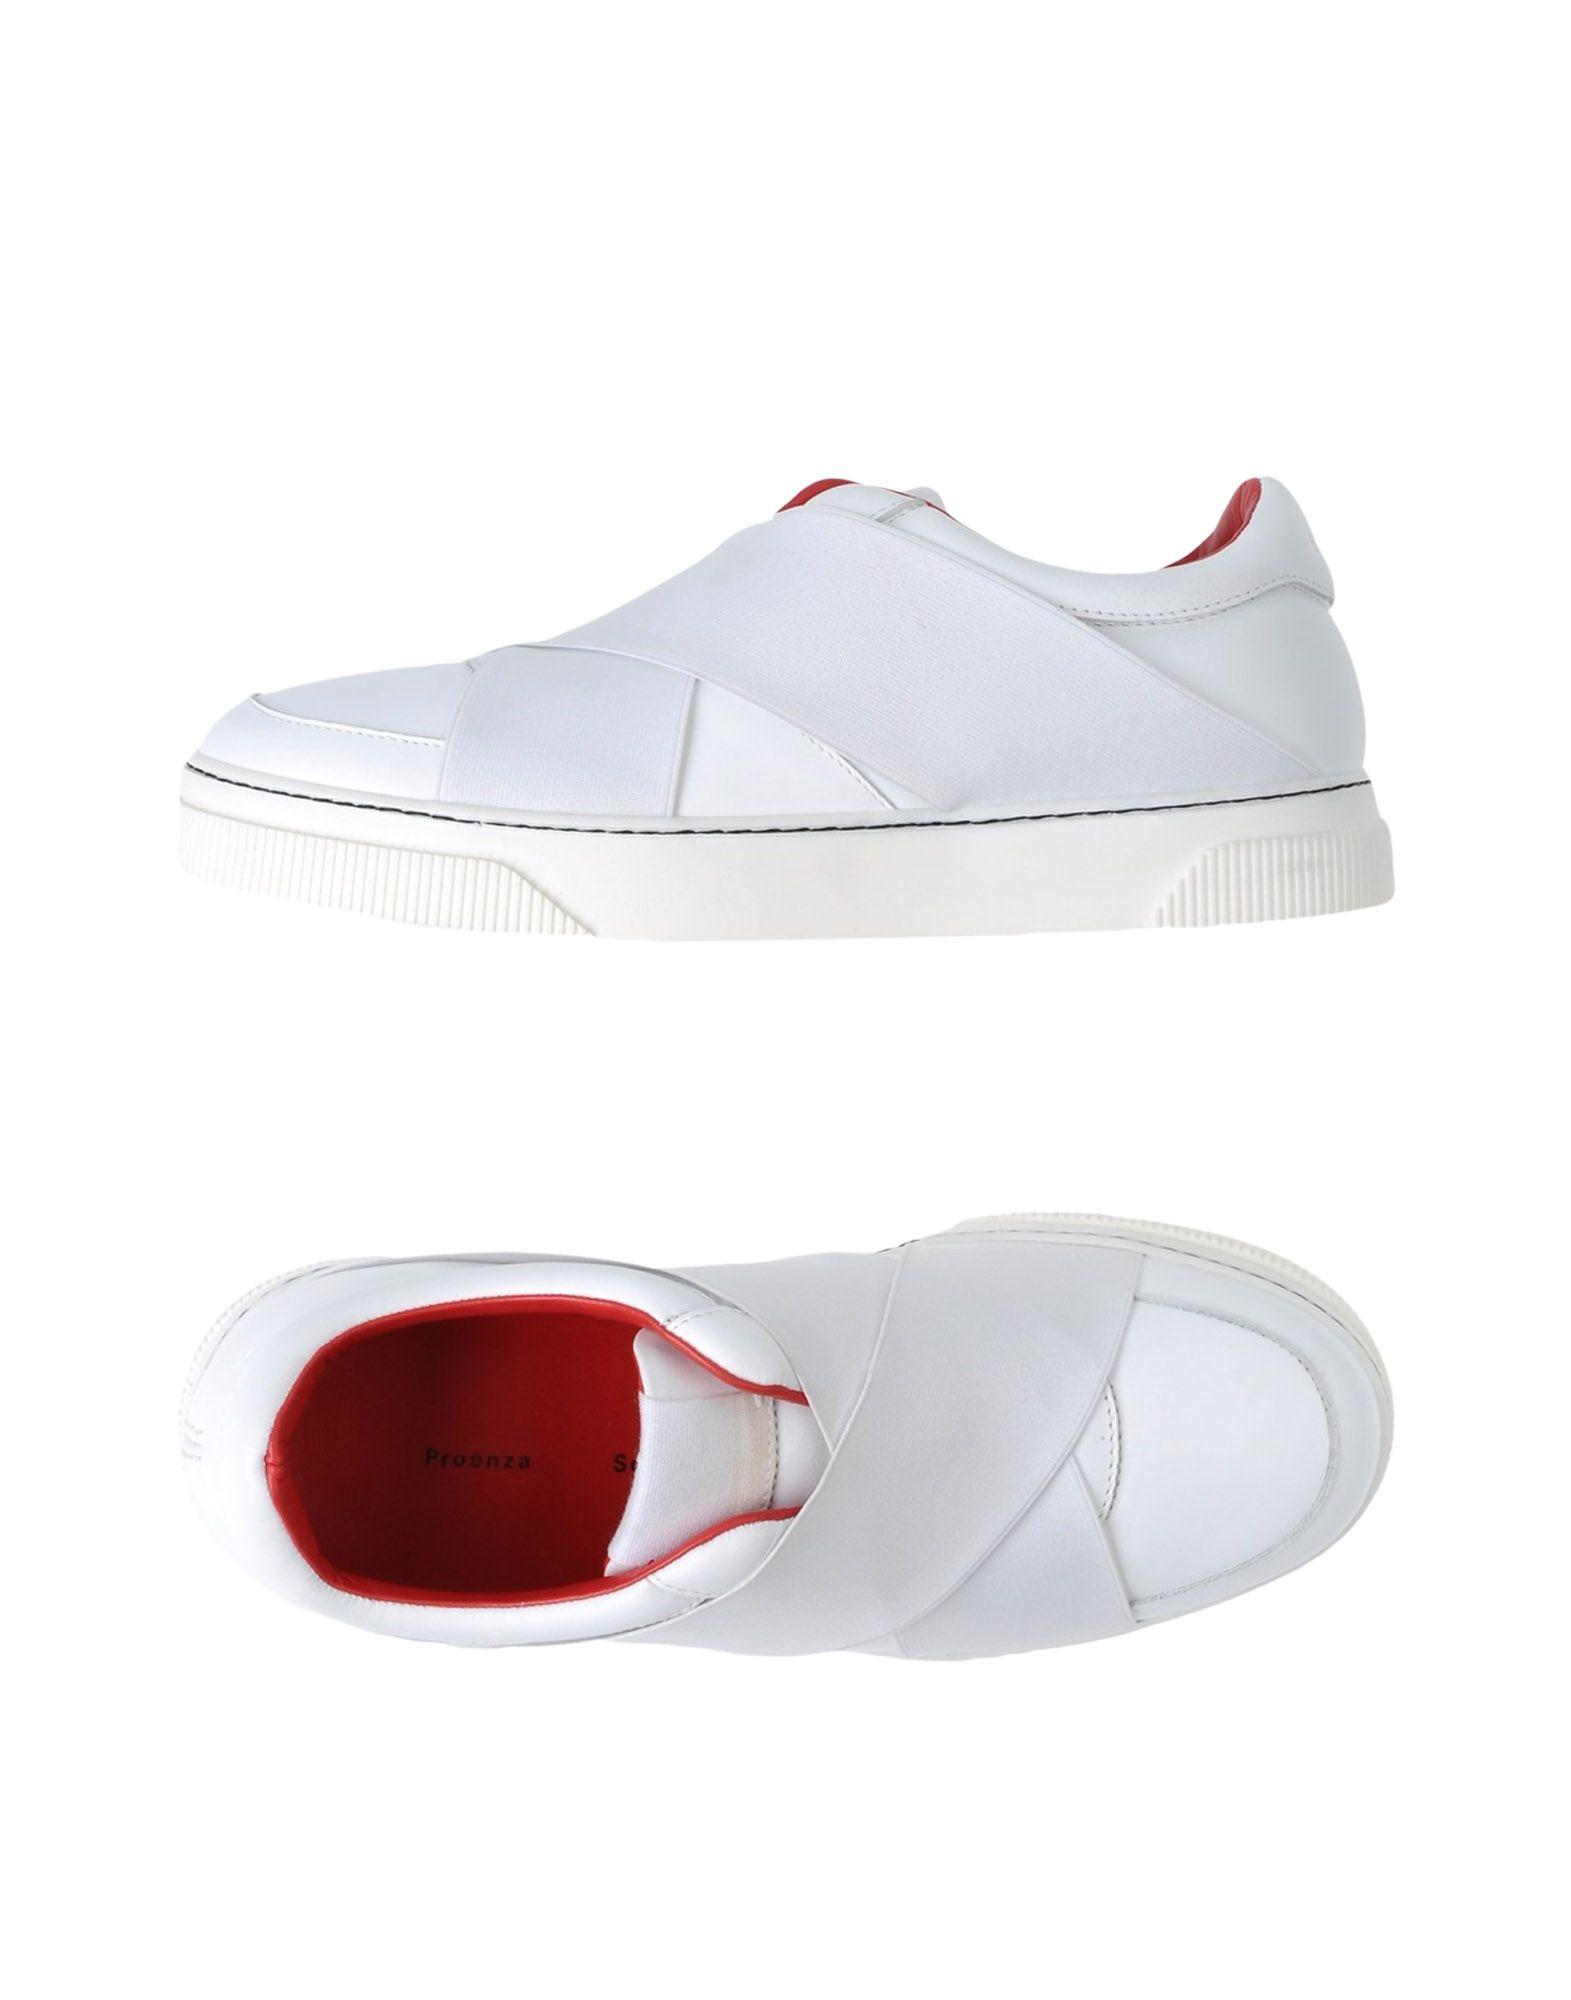 Sneakers Proenza Schouler Femme - Sneakers Proenza Schouler sur